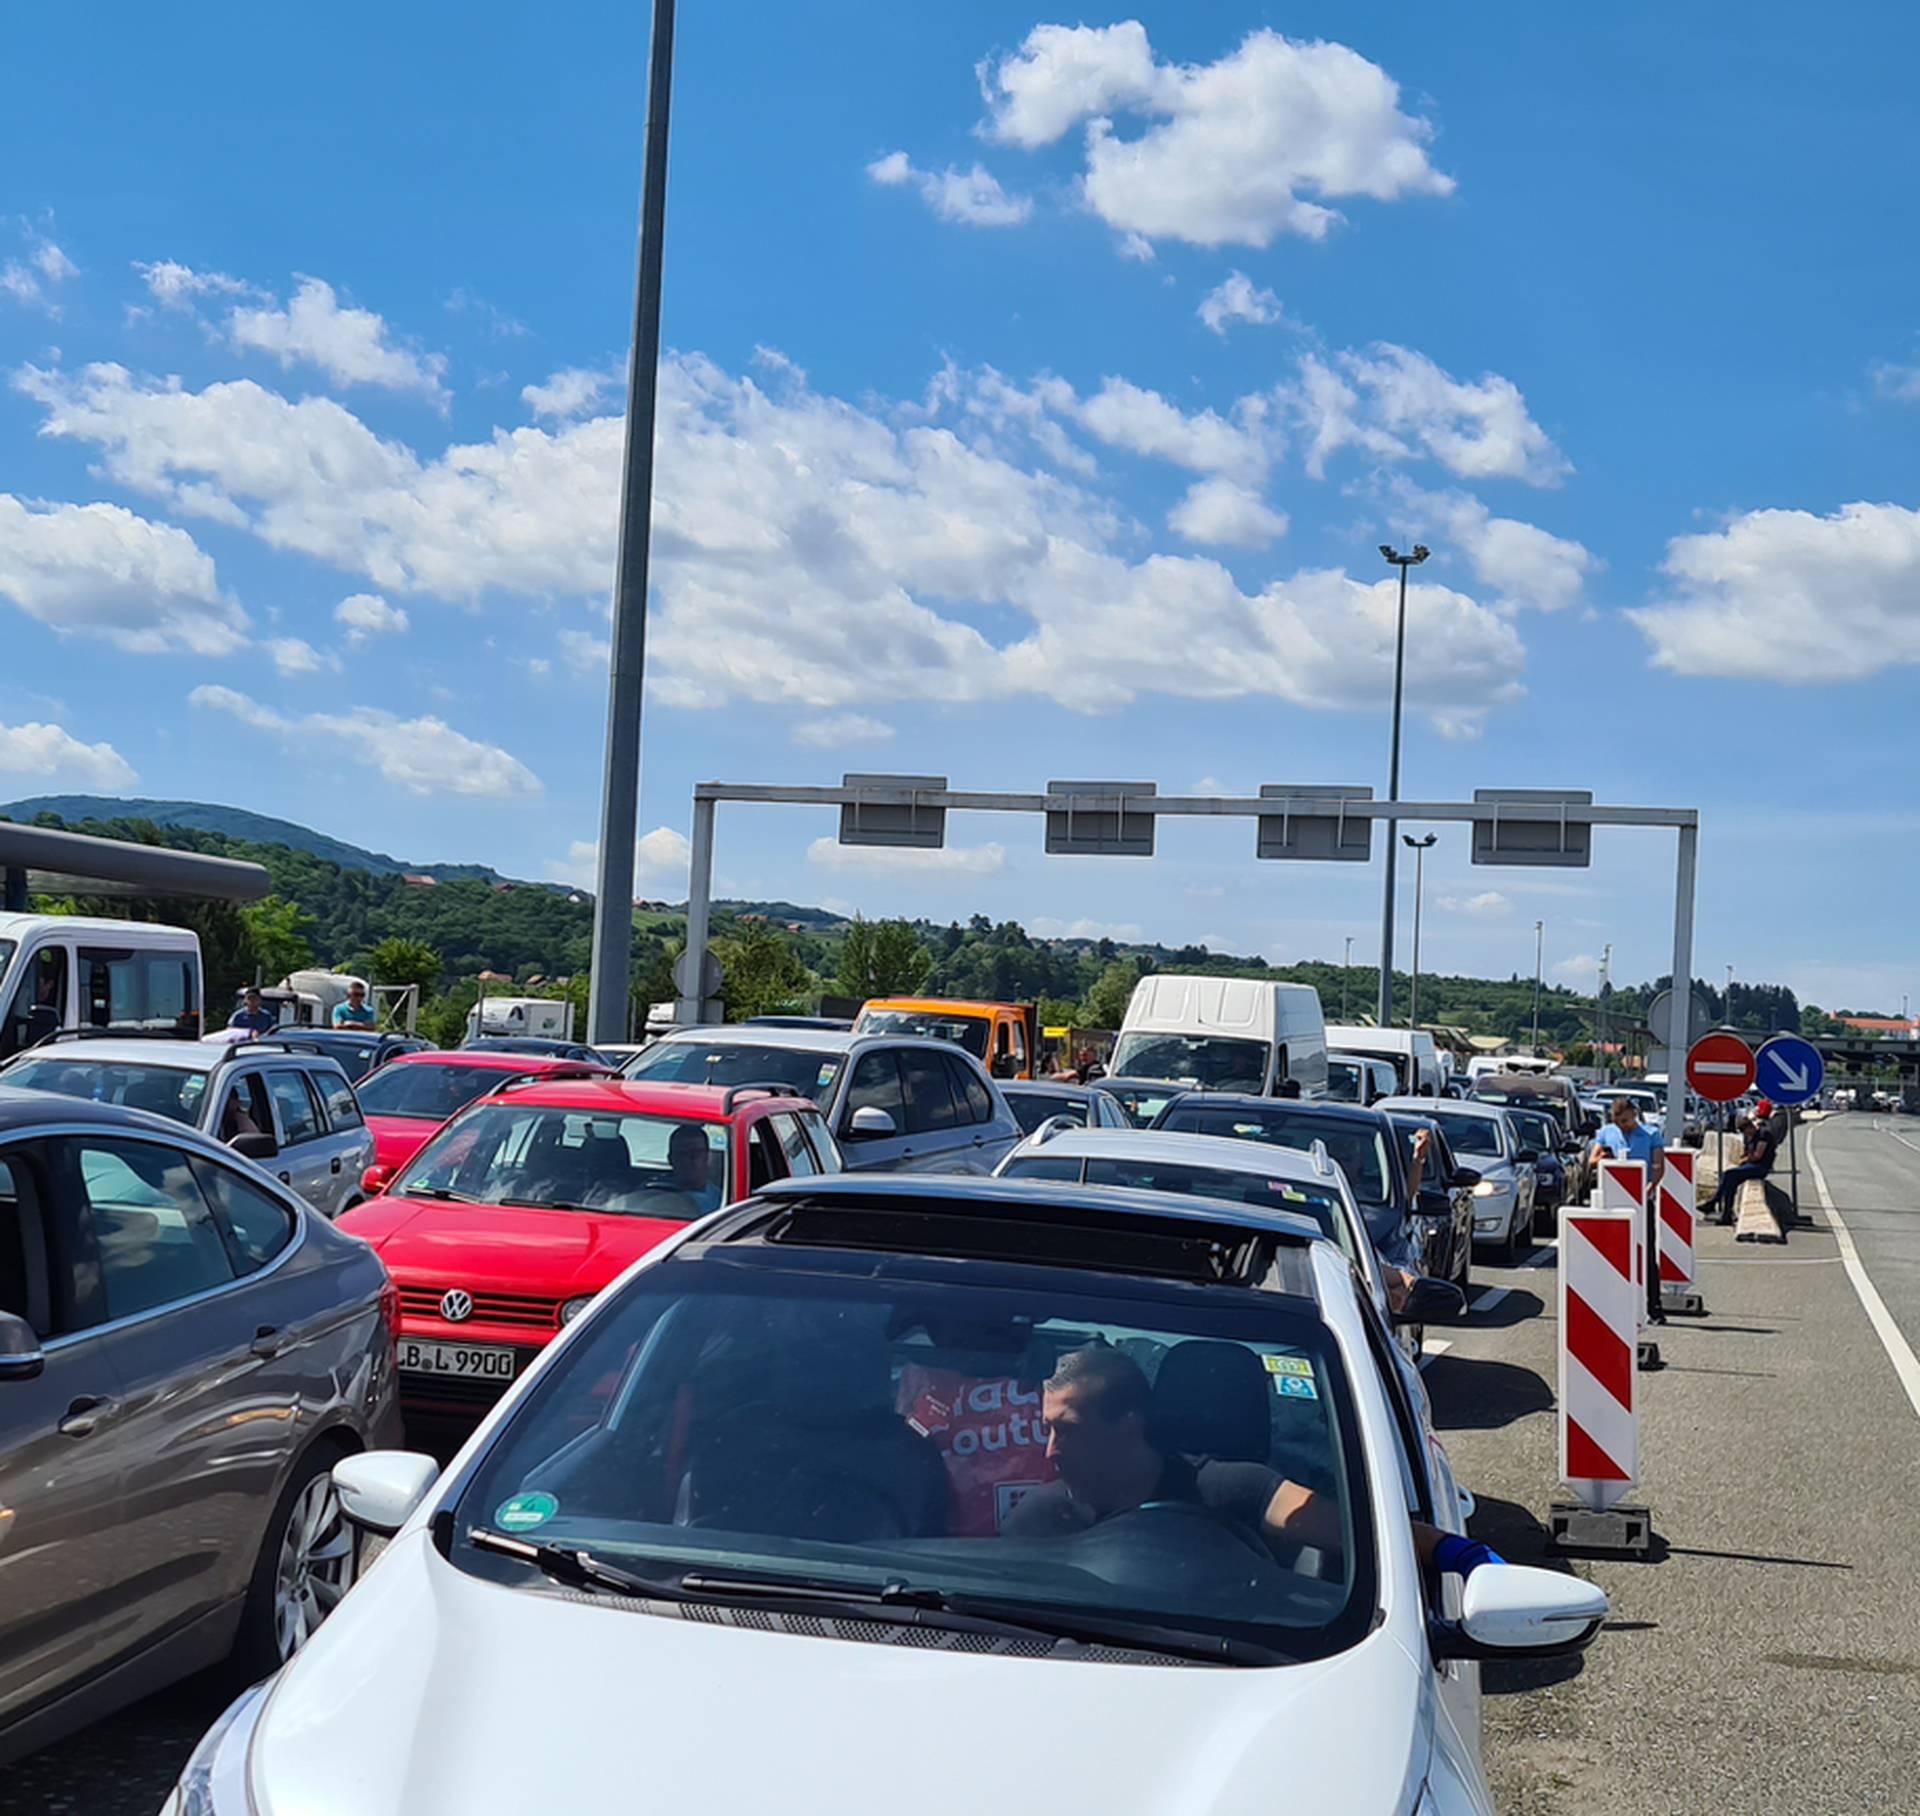 Svi idu u Hrvatsku: 'Mi čekamo četiri sata i tek smo na sredini'